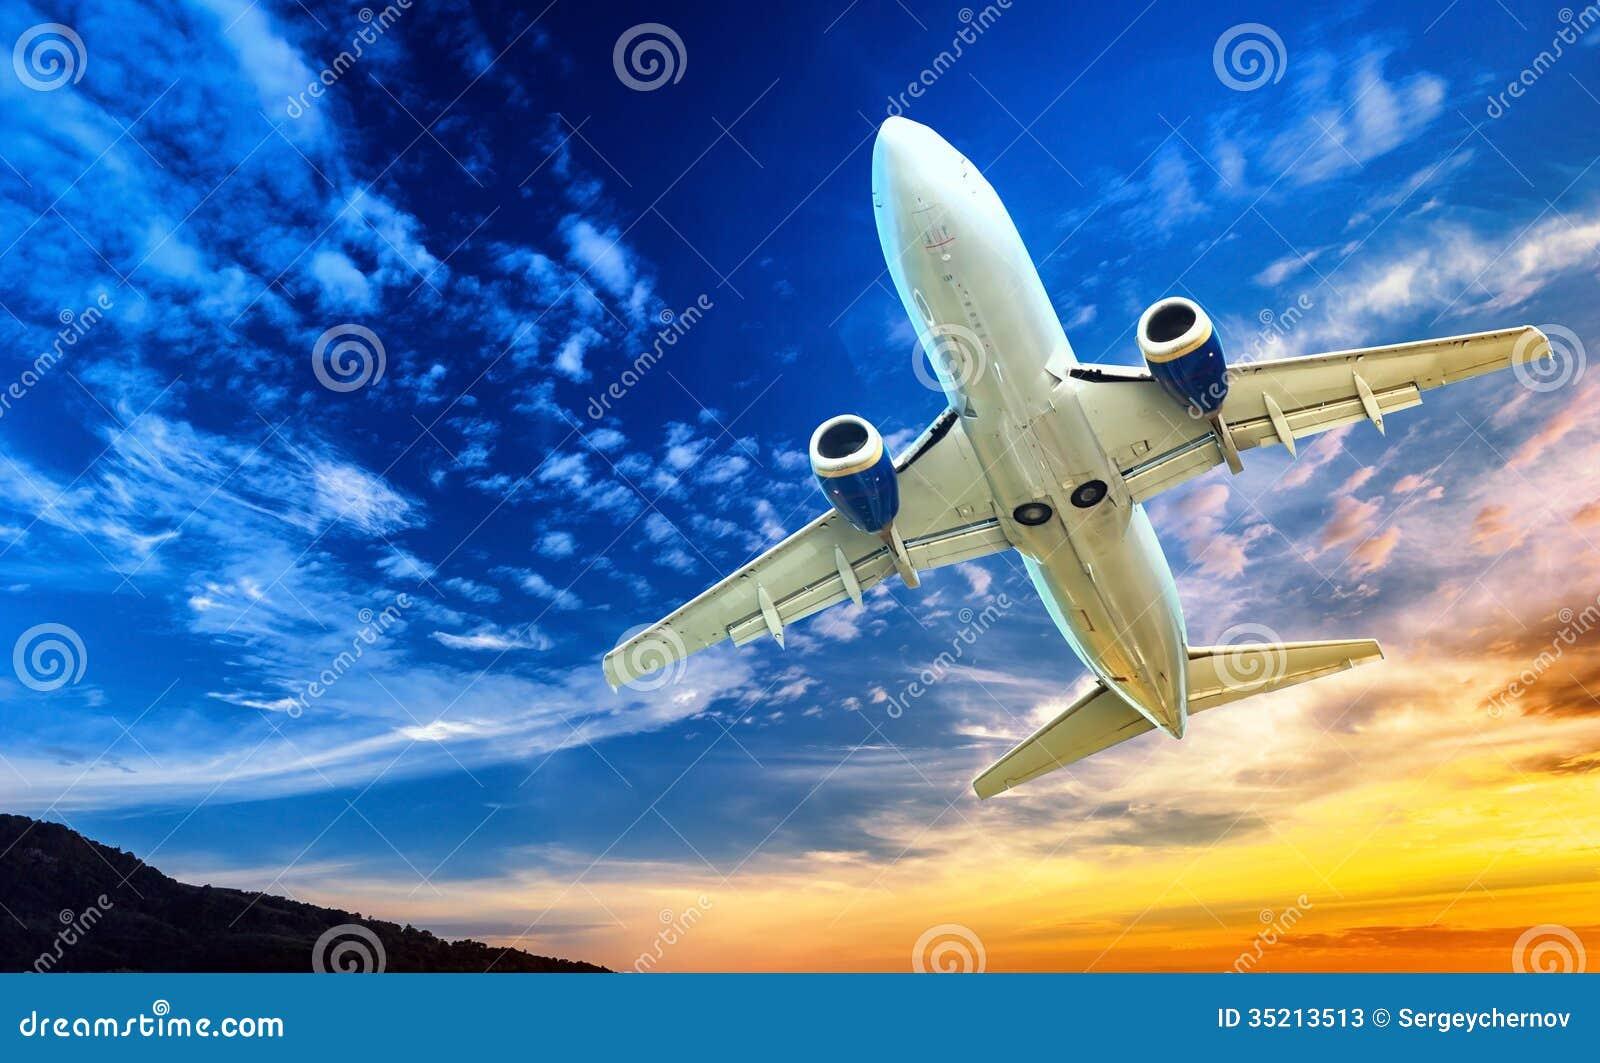 Samolotowy transport. Dżetowy lotniczy samolot